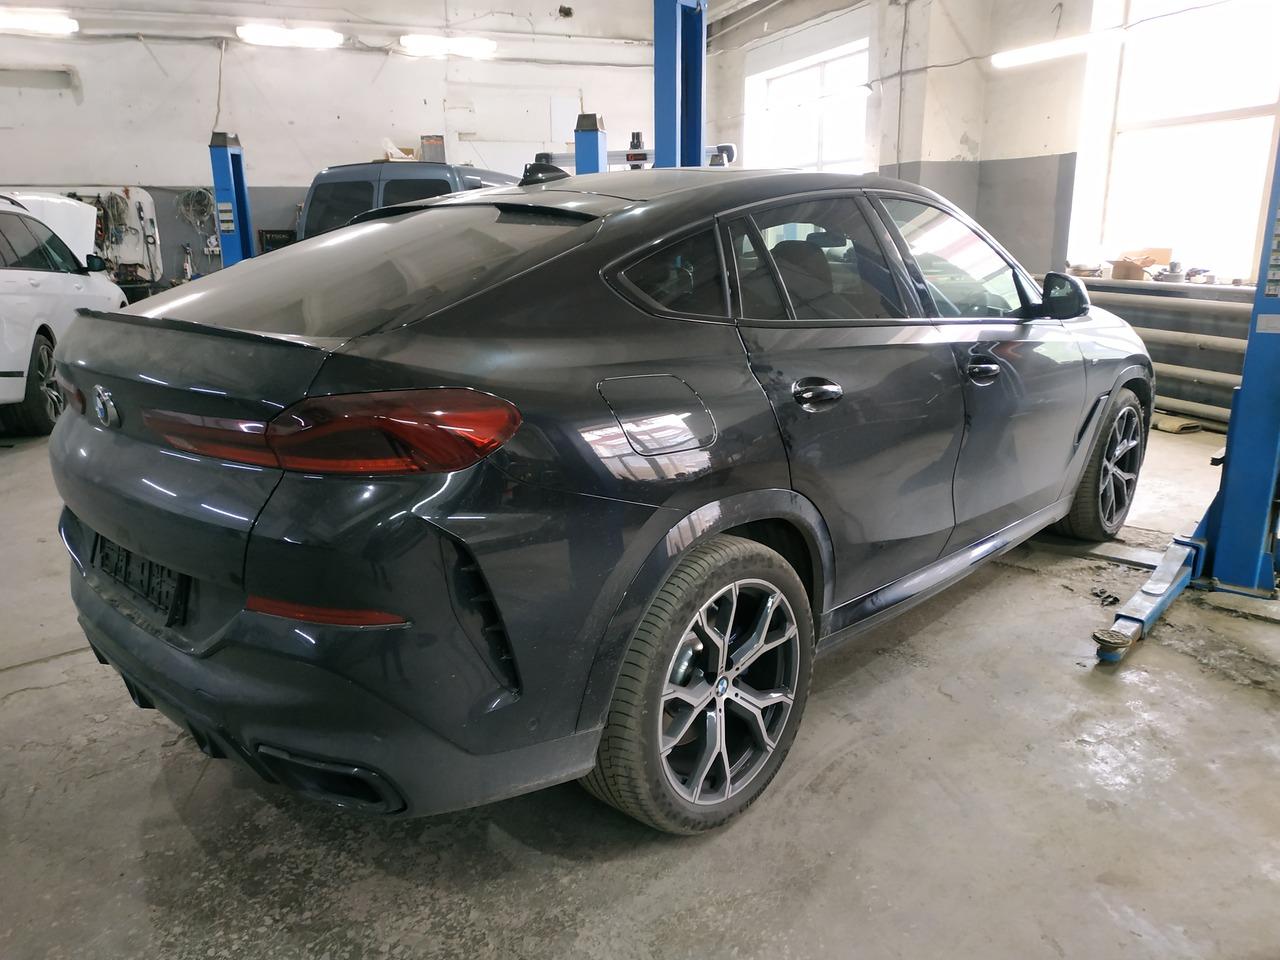 BMW X6 G06 40d 2020, вид сзади